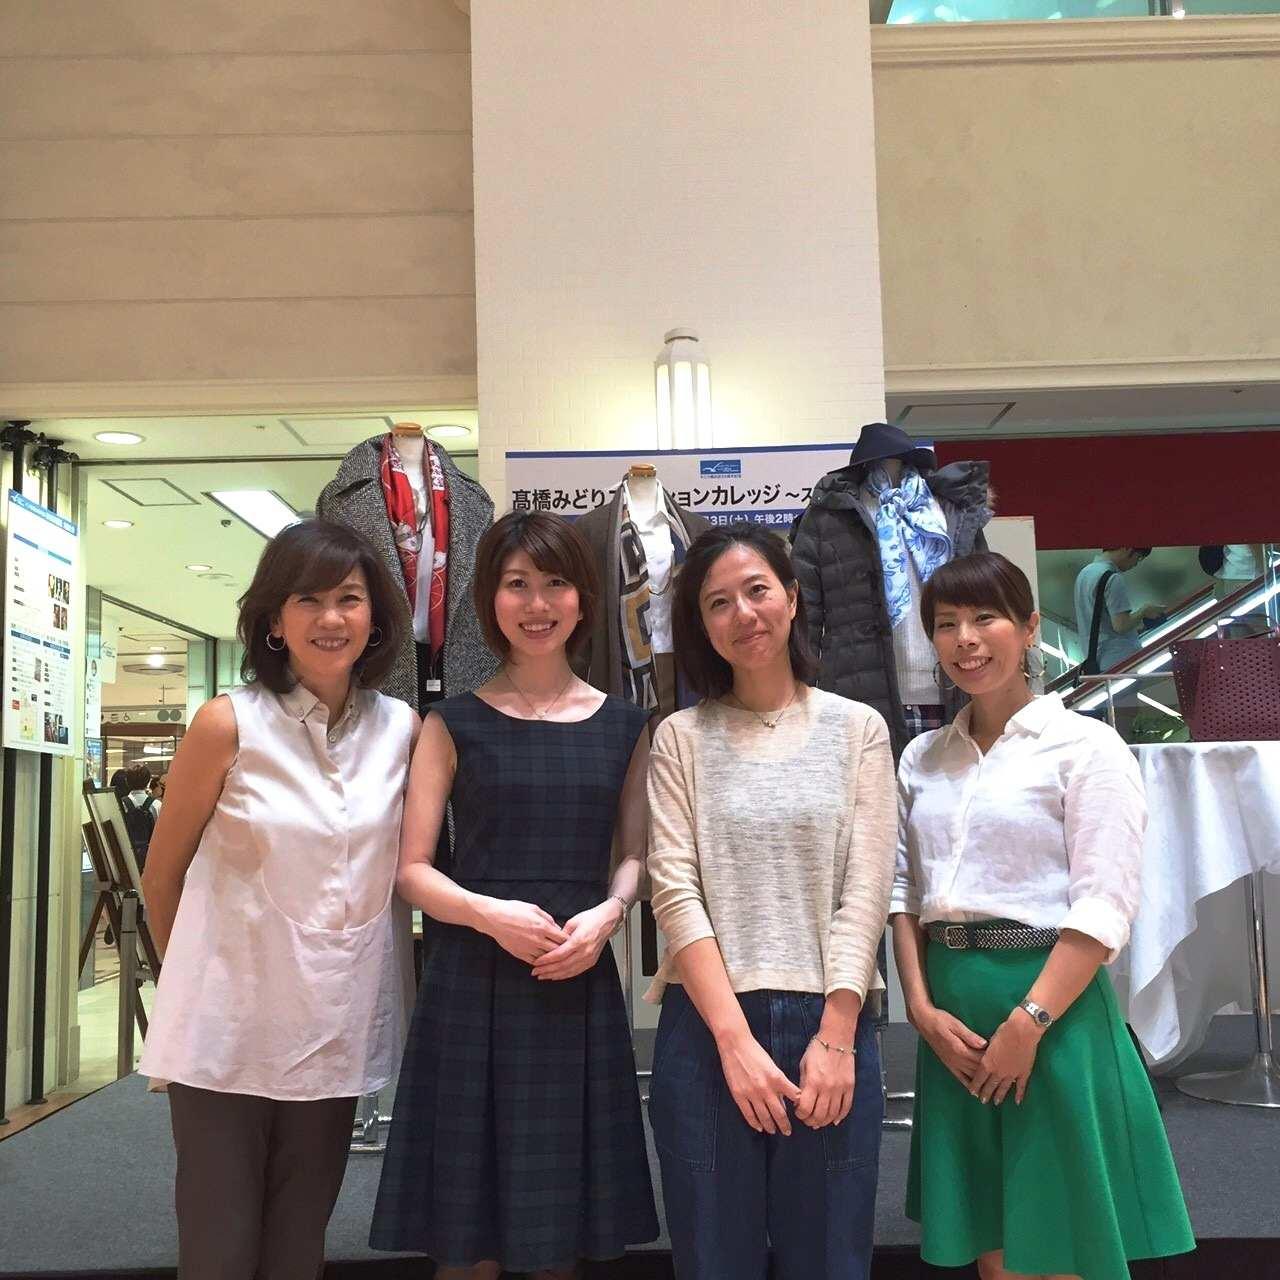 そごう横浜店10/3(土)「ファッションカレッジ スカーフマジック」開催されました☆